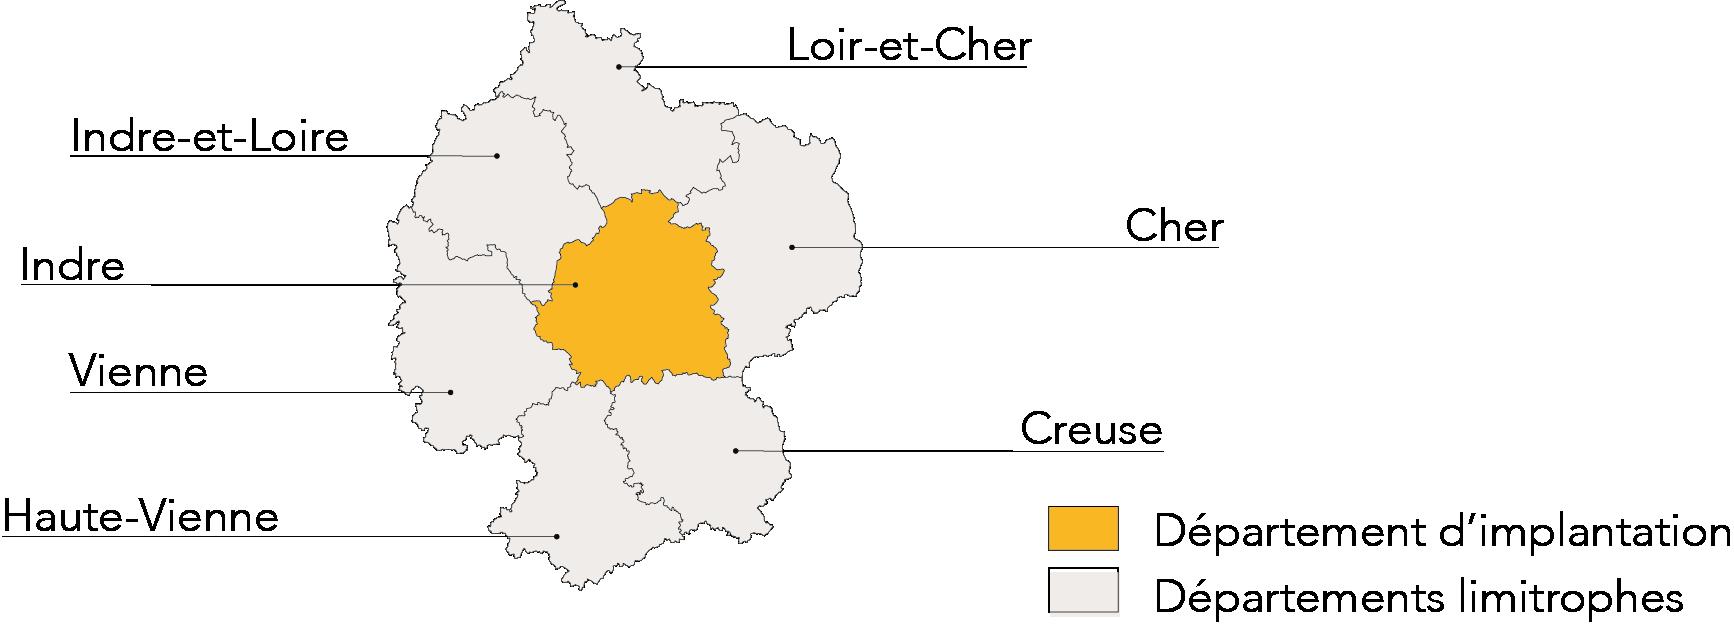 departements eligibles